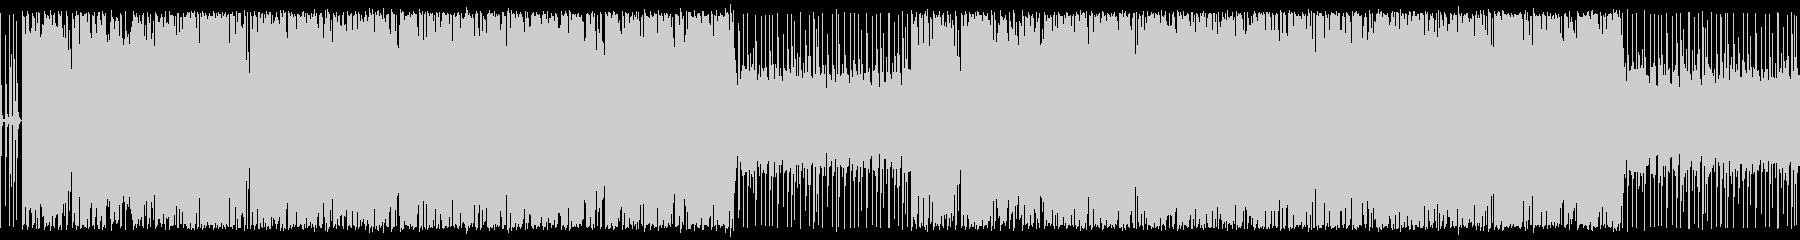 ほのぼのギター入りのbgmの未再生の波形